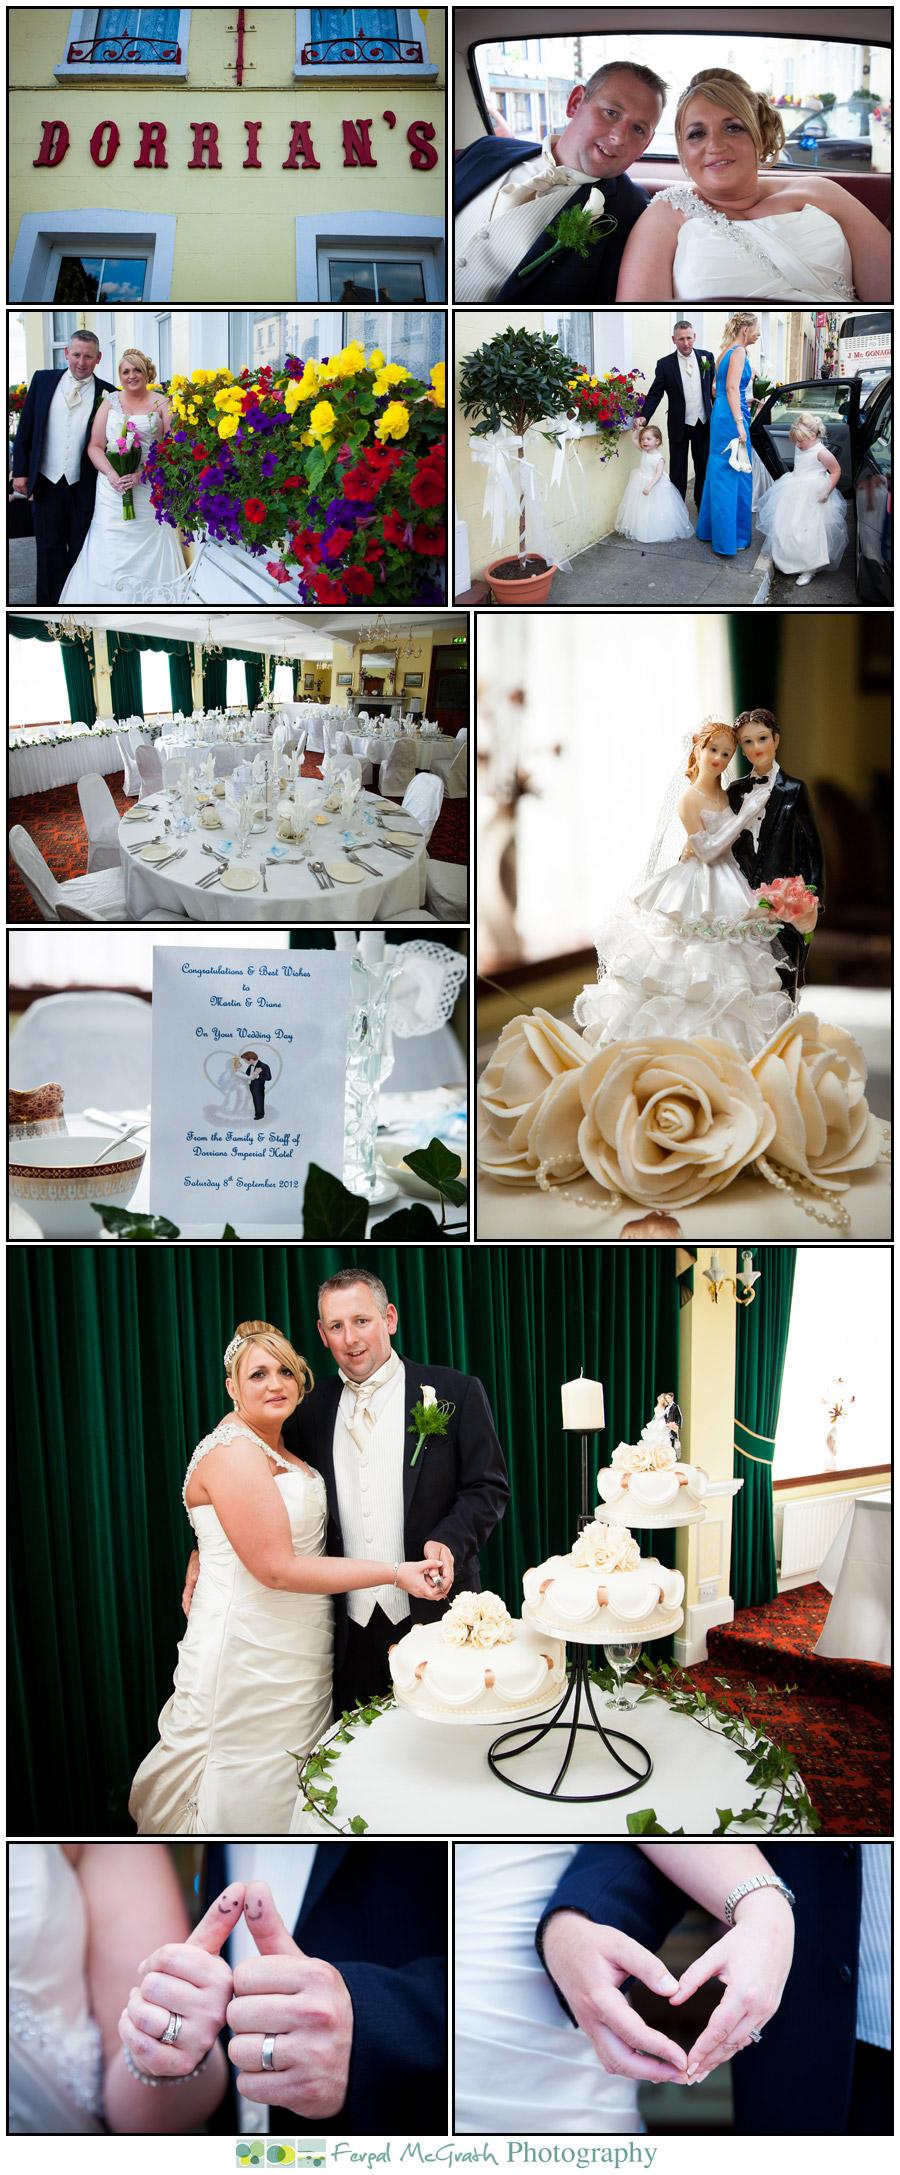 Diane and Martin Gavigan wedding photos 6